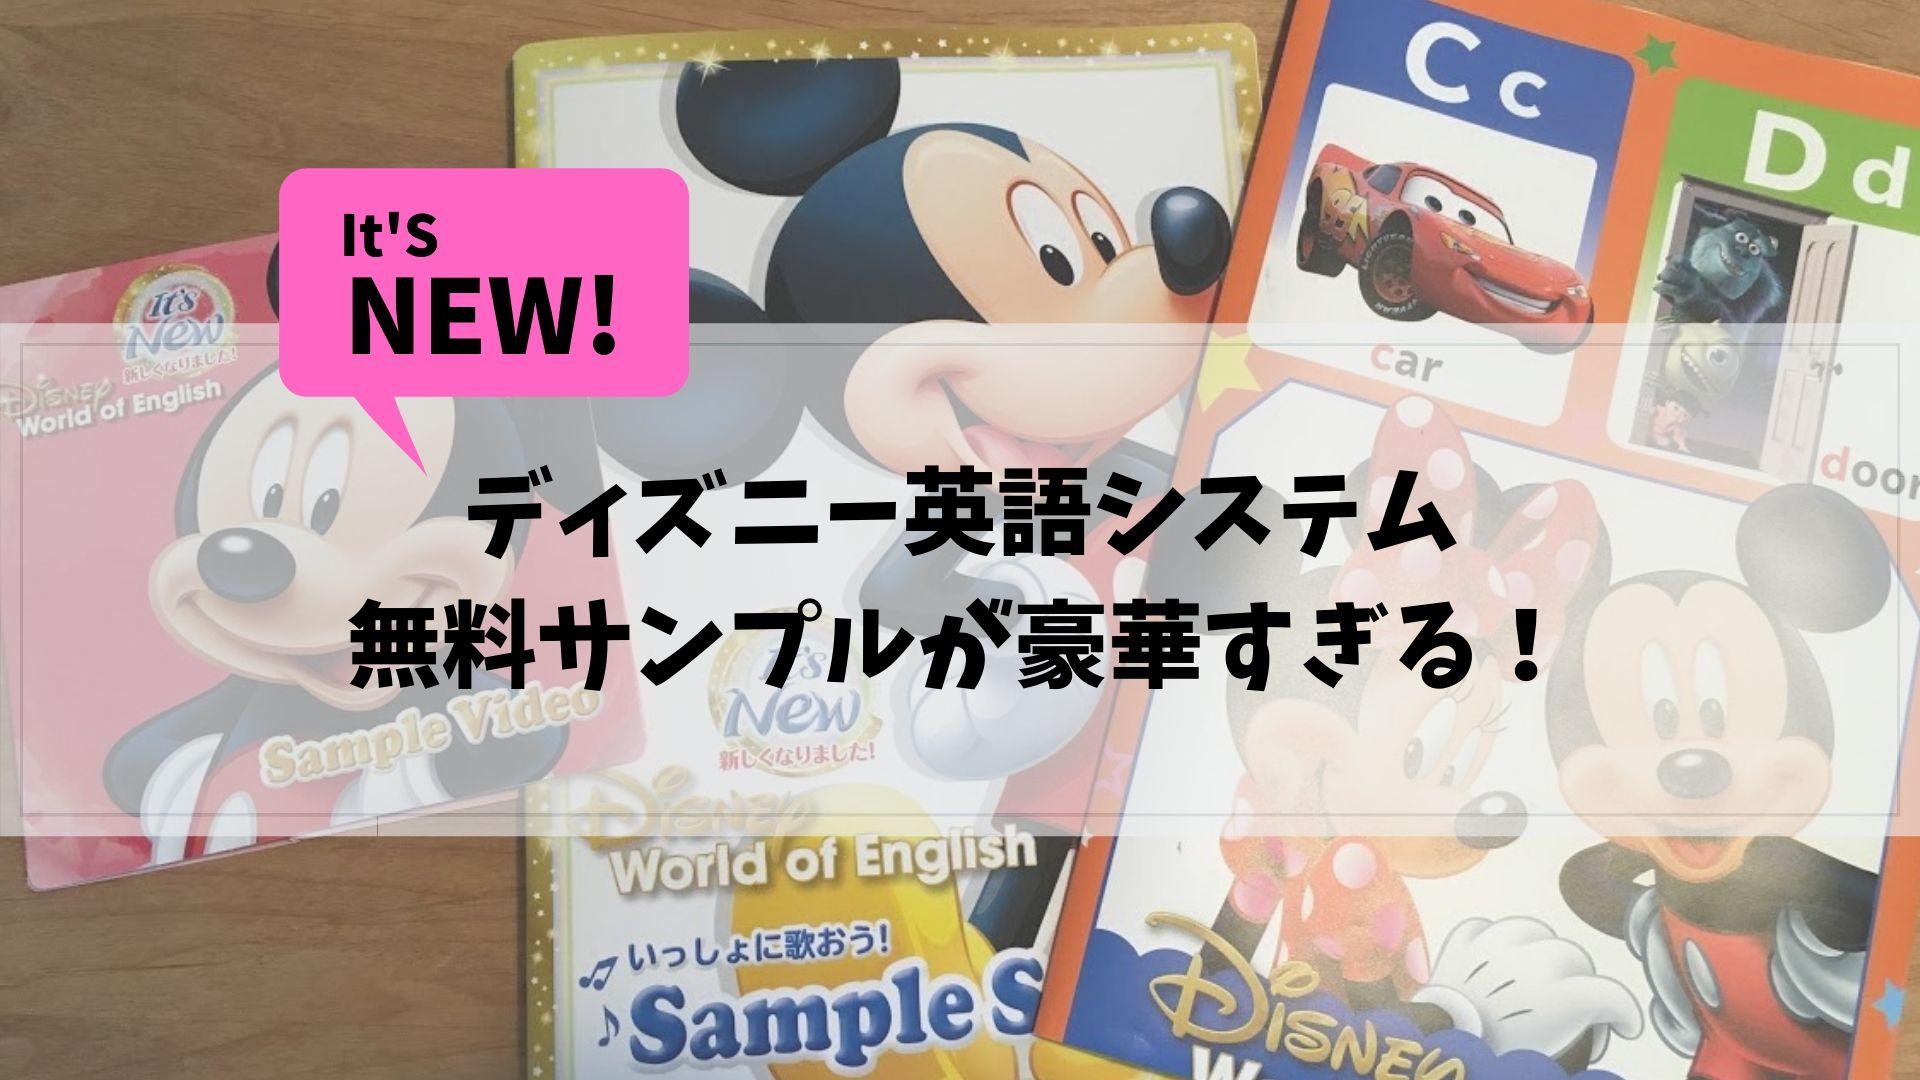 ディズニー英語システムの無料サンプル